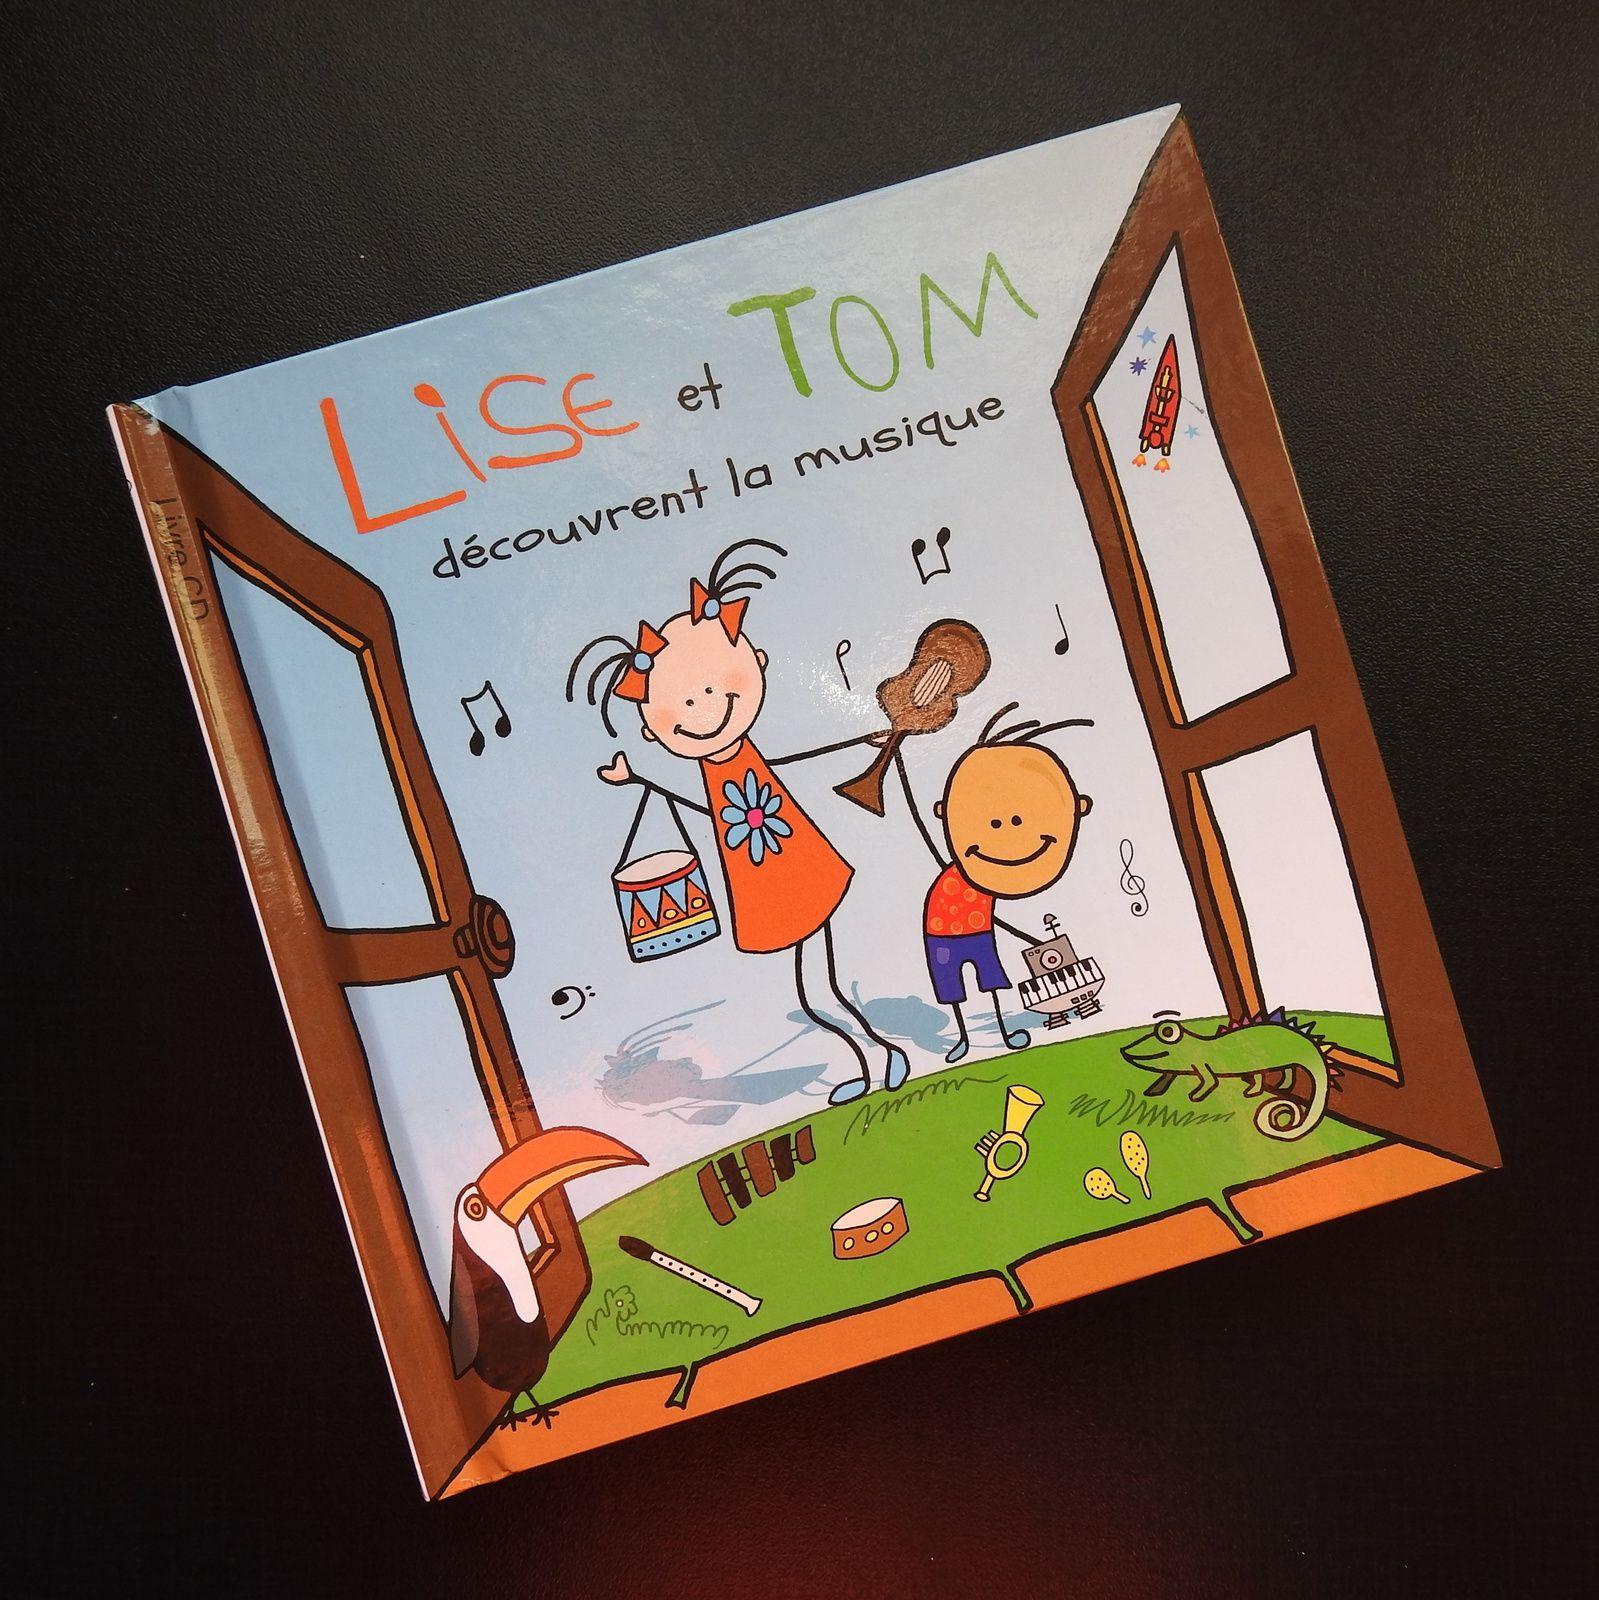 Lise et Tom, le conte musical pour les petits et les grands